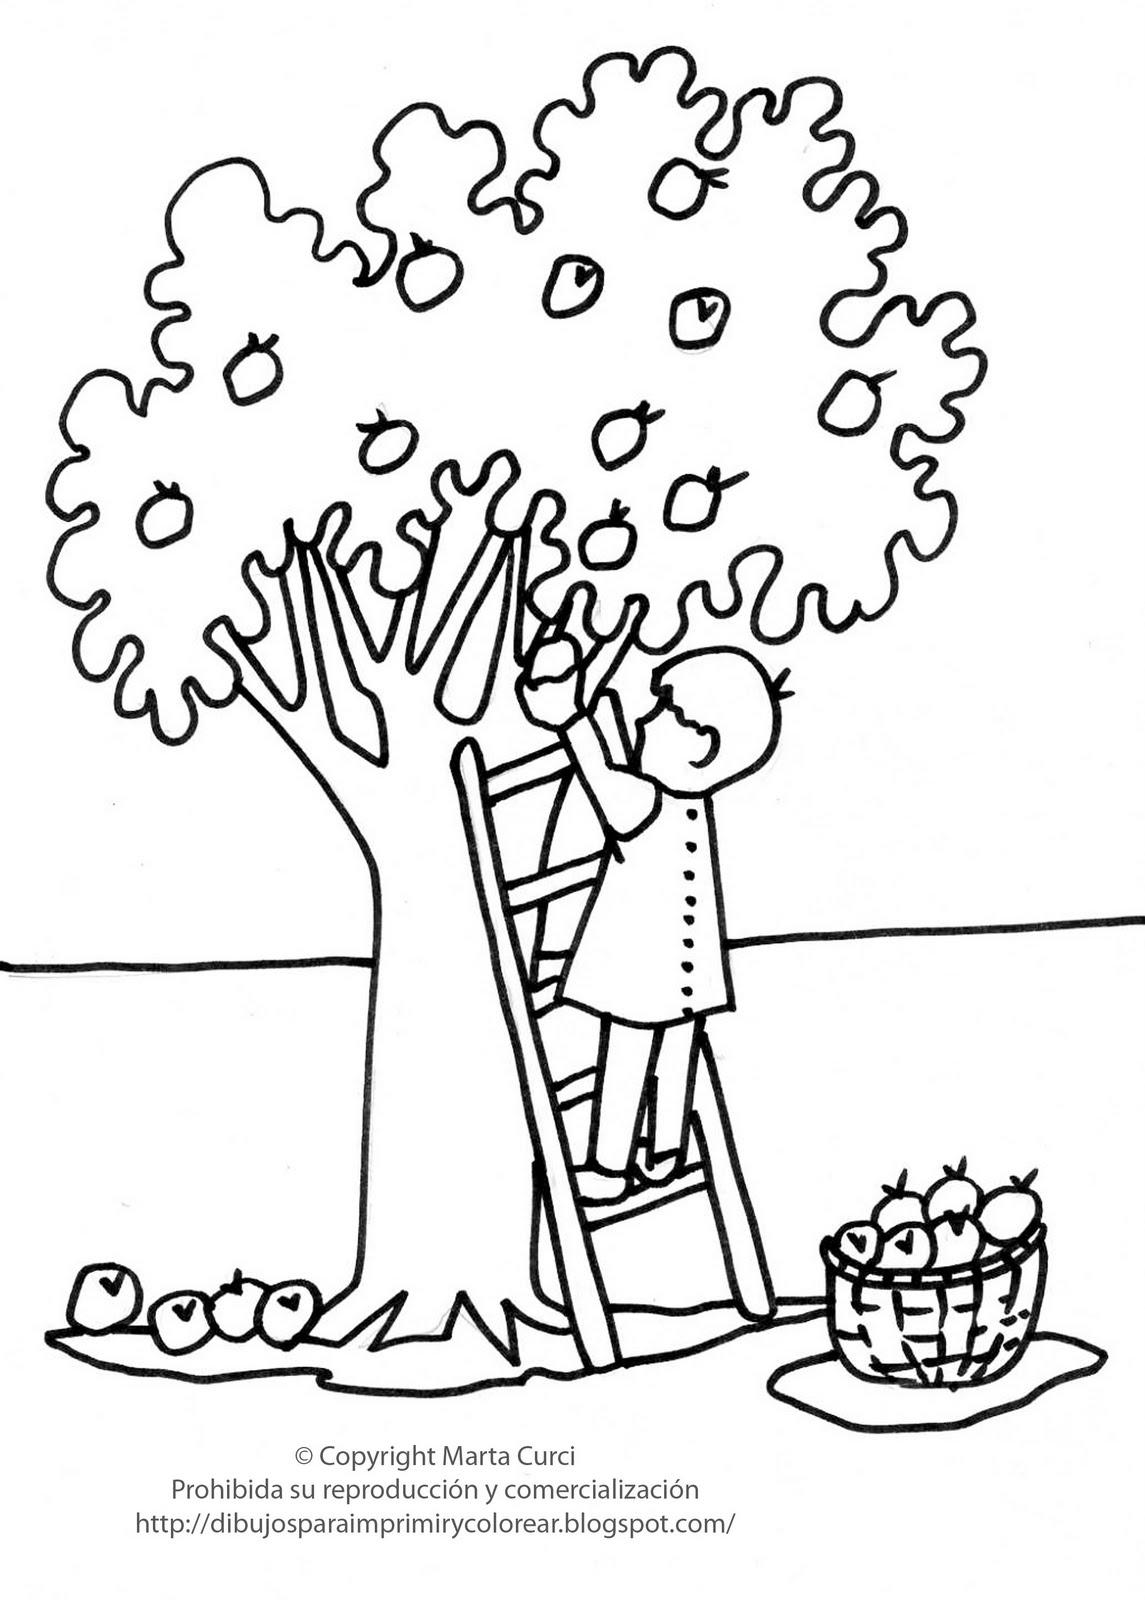 Dibujos Para Colorear No Imprimir Imagesacolorierwebsite